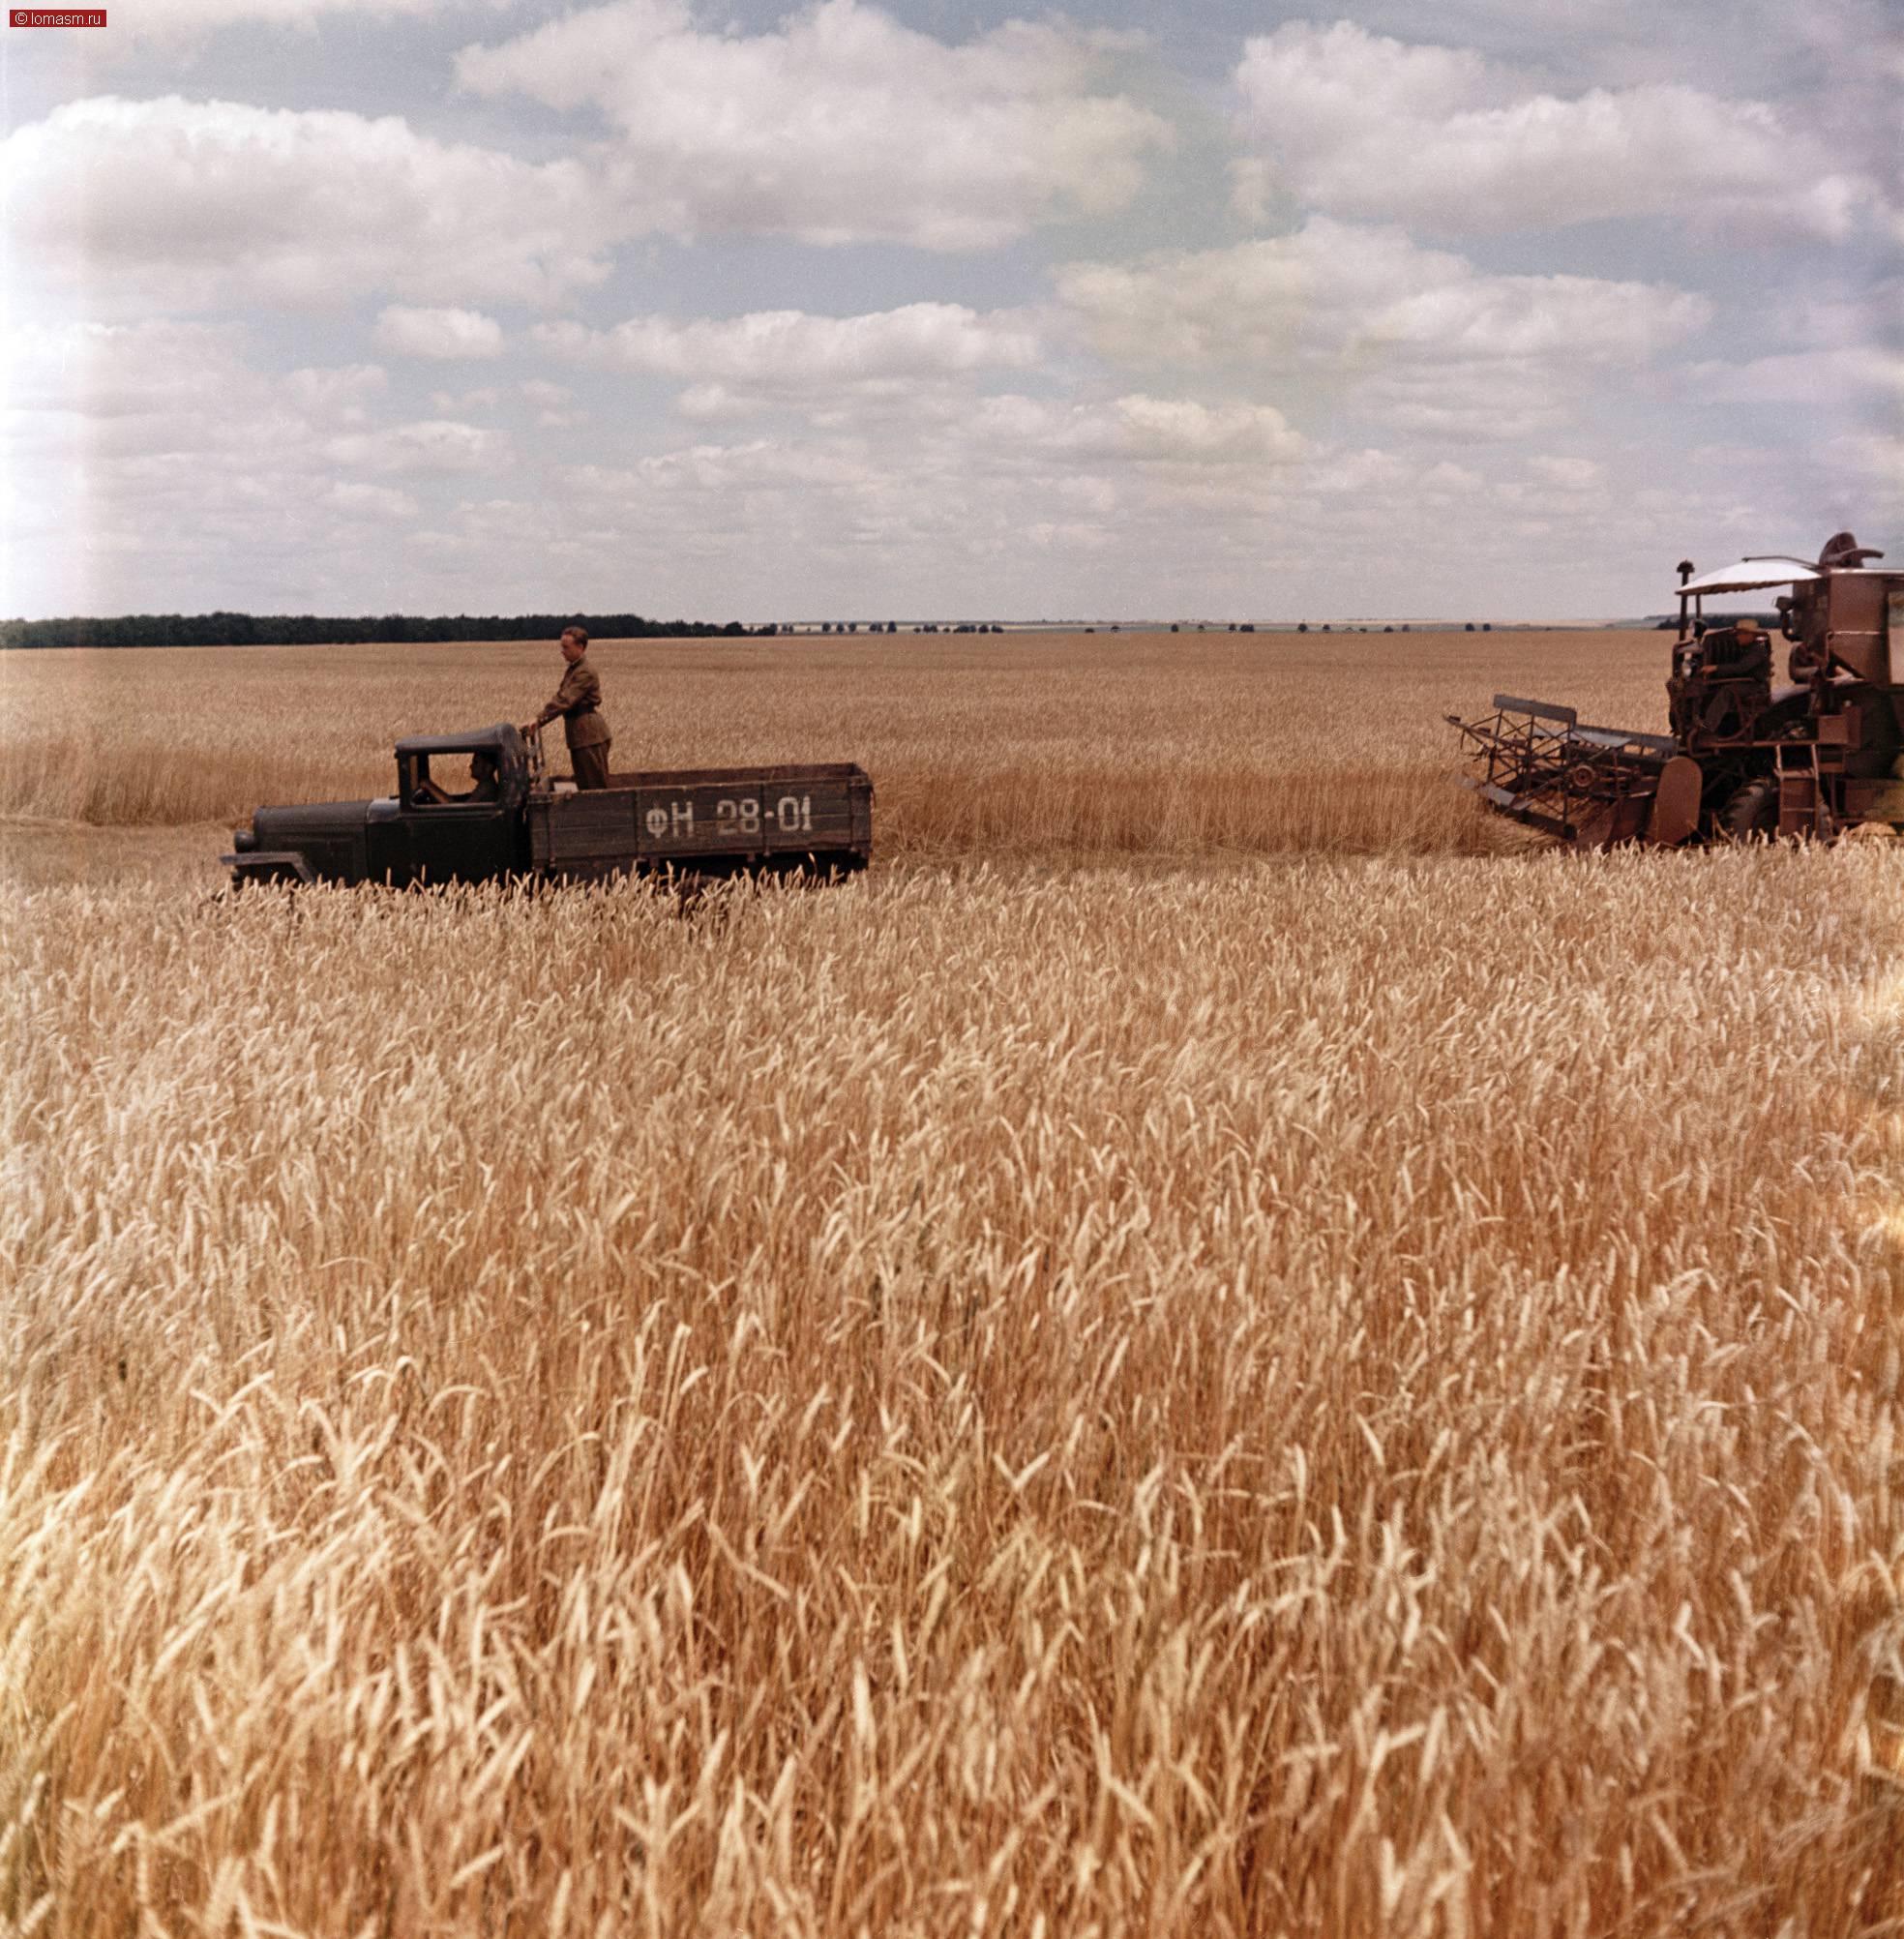 картинки сельское хозяйство в ссср фото чтобы изображение